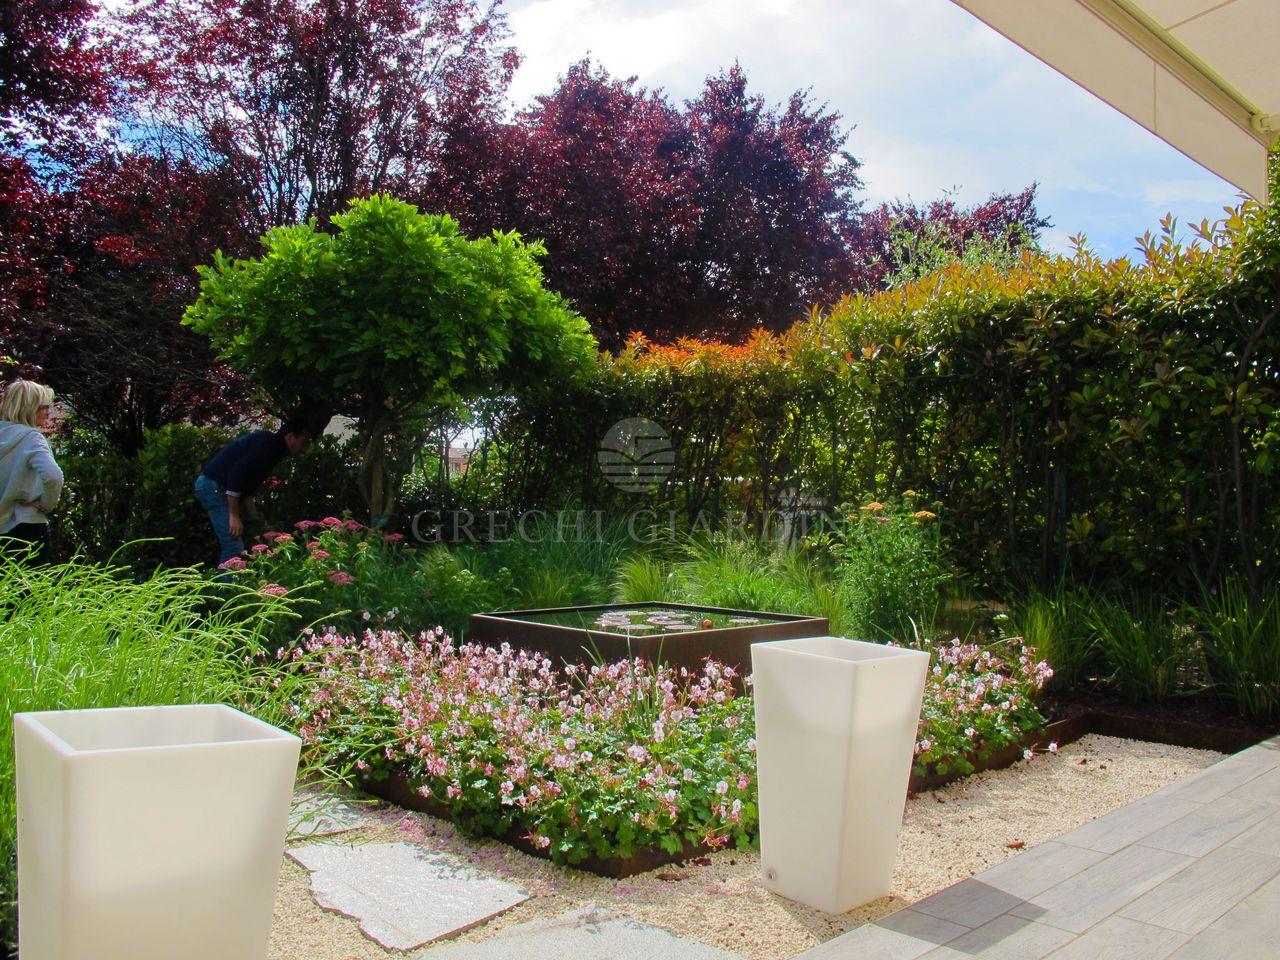 Giardini villette simple giardini villette with giardini for Giardini villette